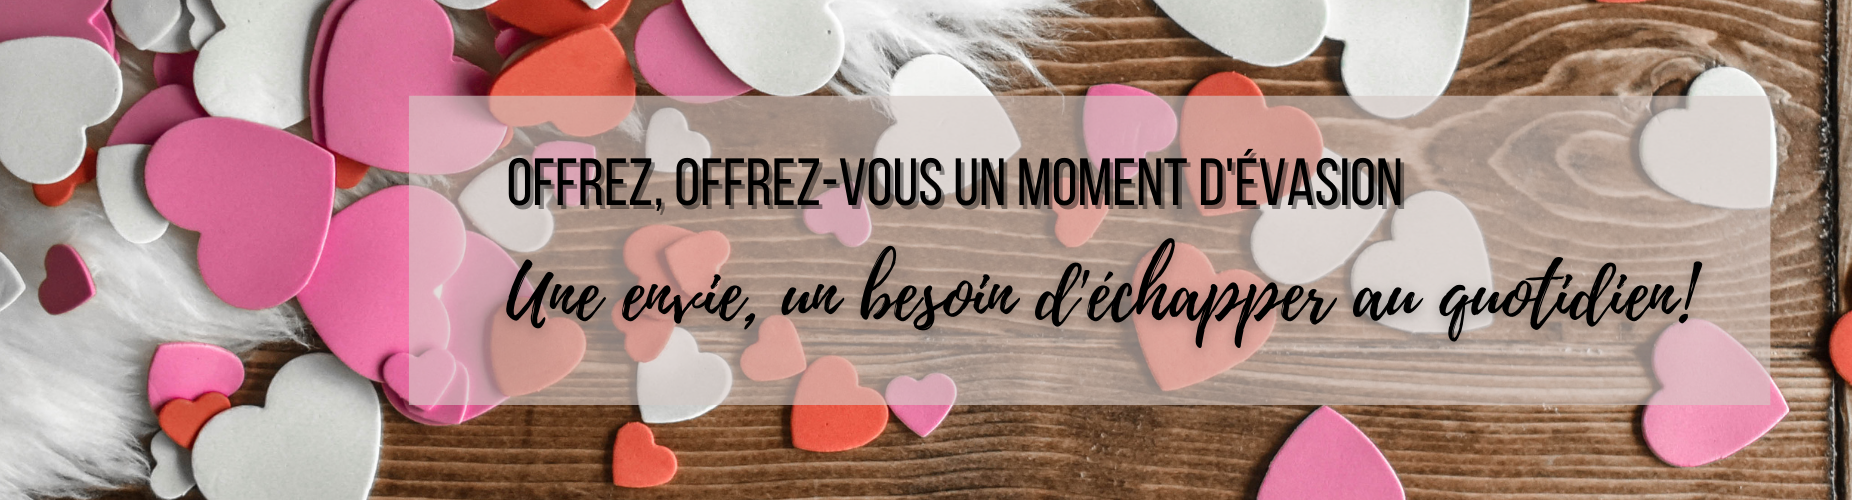 bannière St-Valentin